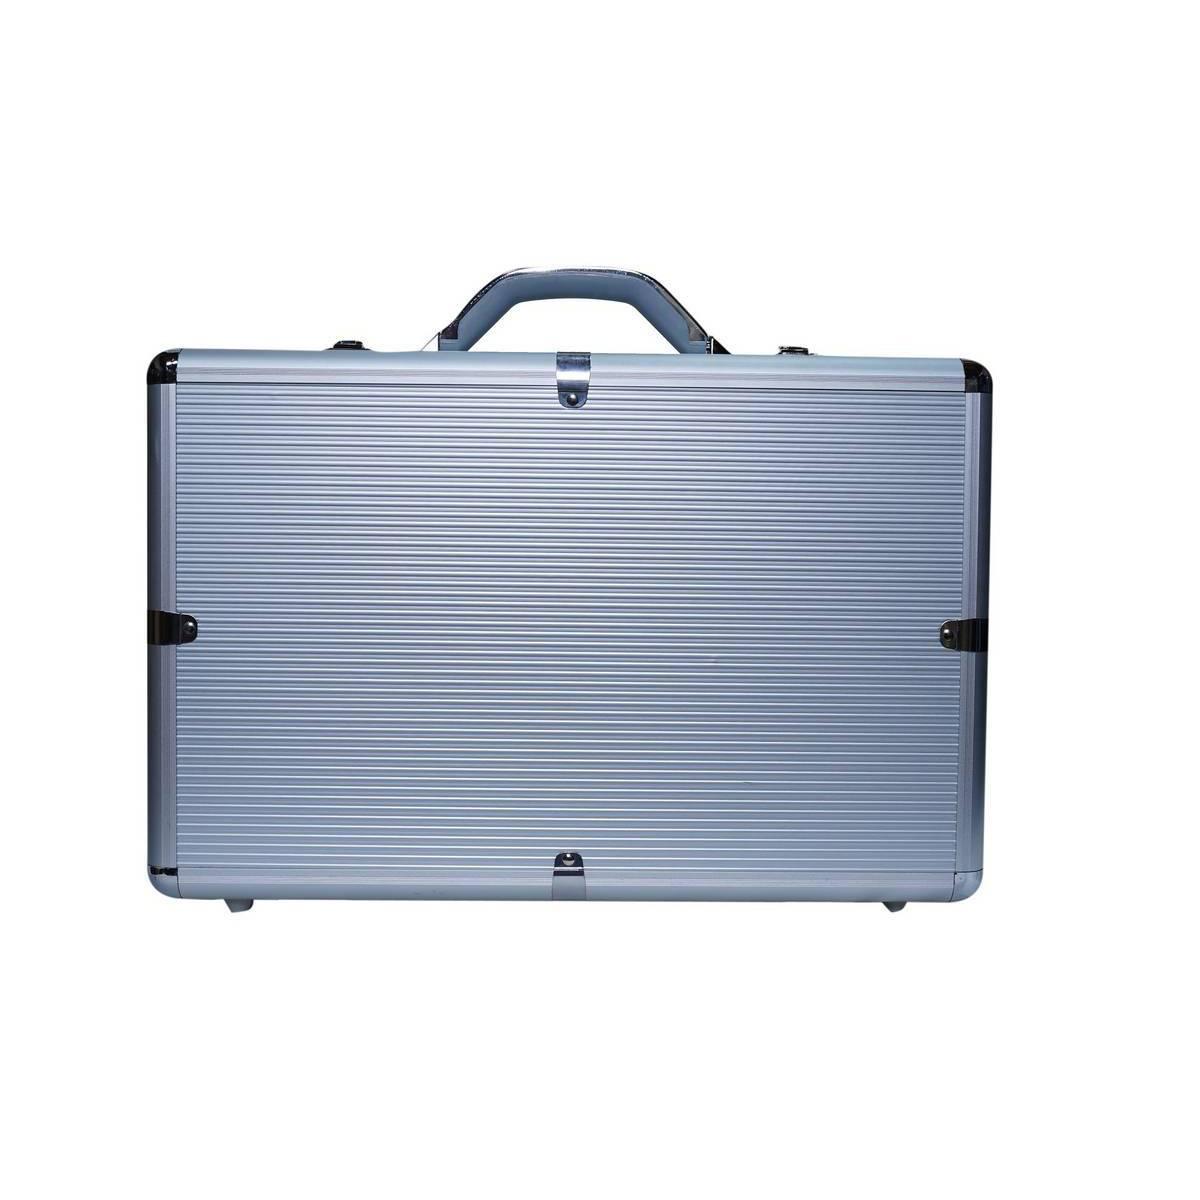 Aluminium Executive Briefcase Silver - Large